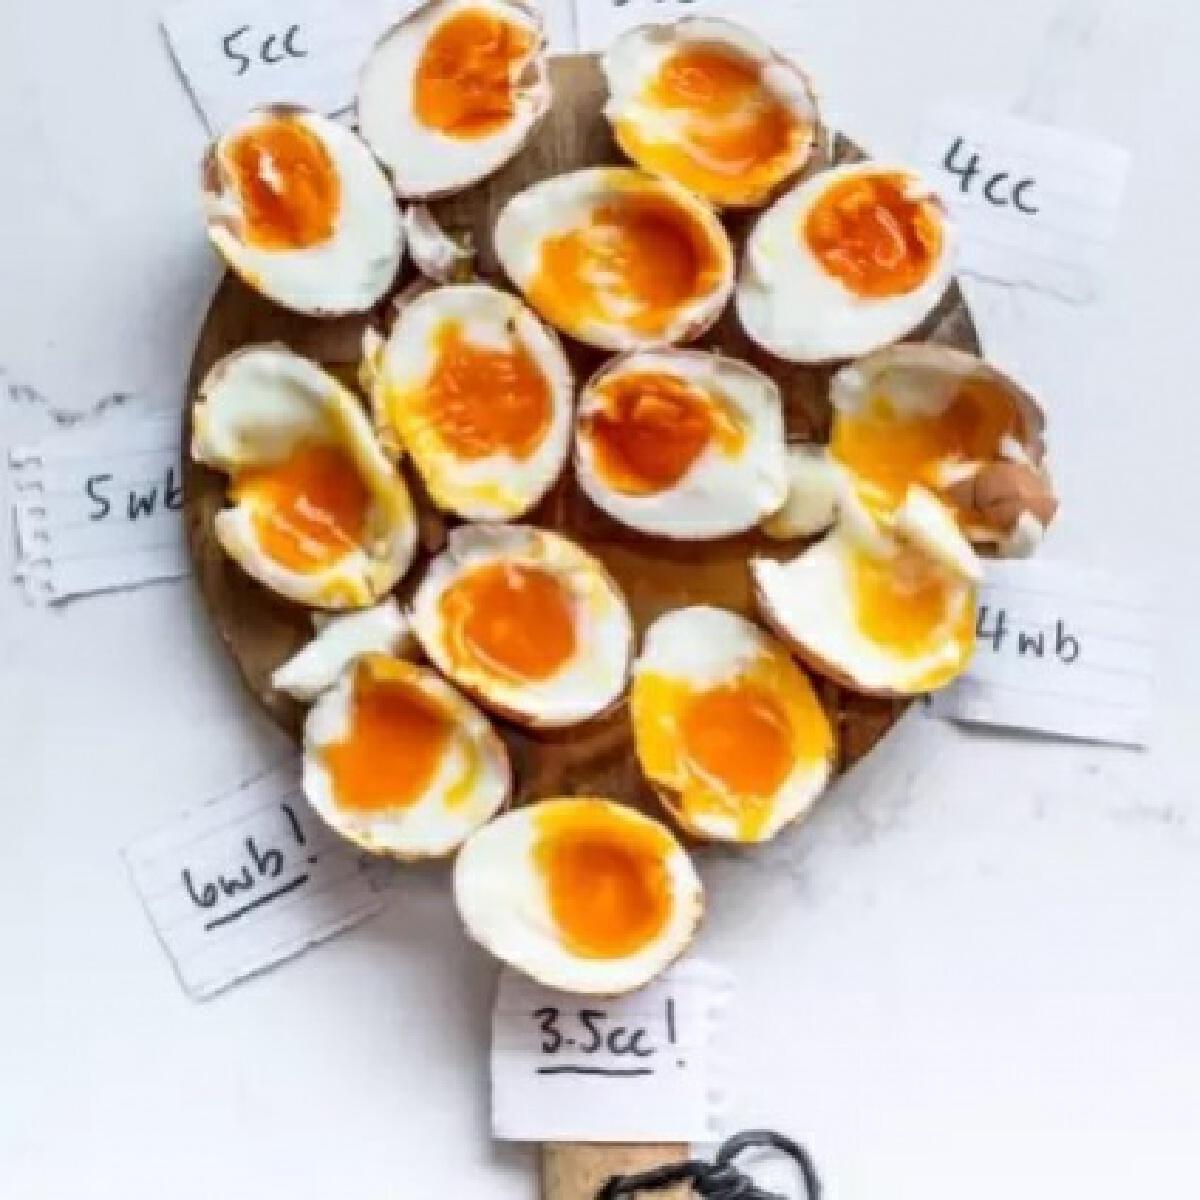 """""""ไข่ต้ม""""ทานแล้ว ช่วยลดน้ำหนักได้ มีผลวิจัย"""